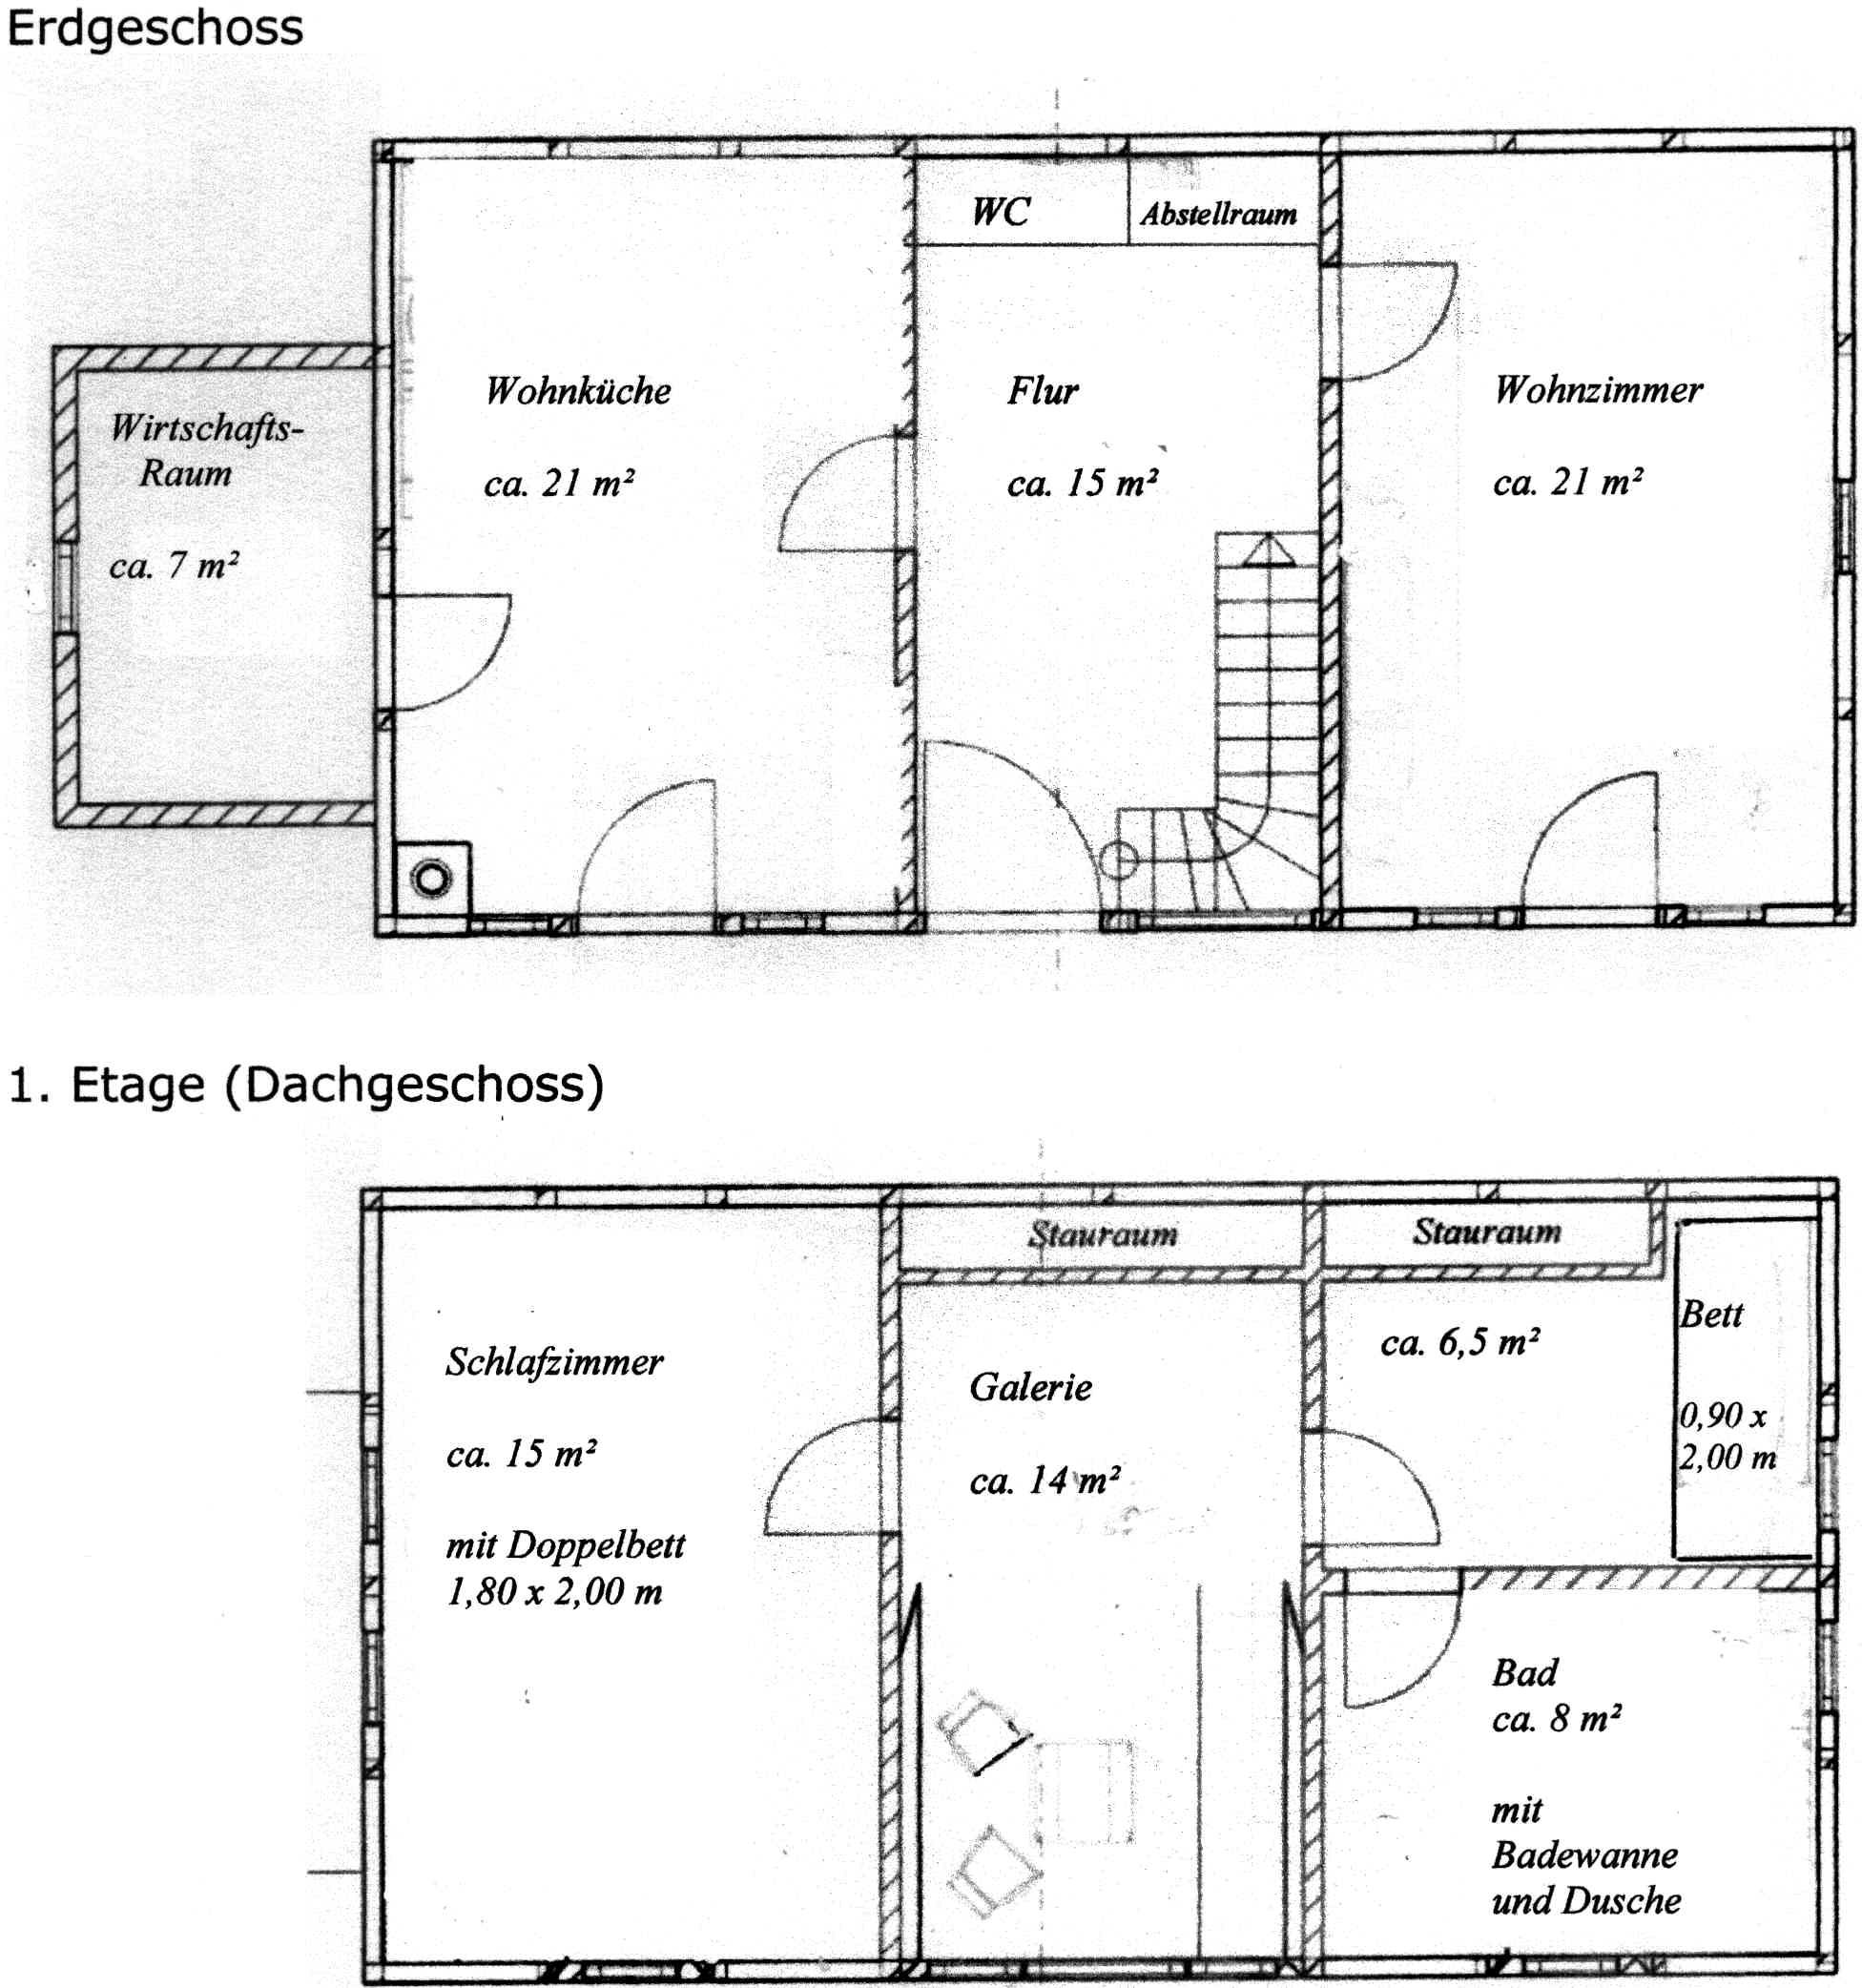 Grundriss - Fachwerkhaus an der Wasserburg size: 1952 x 2084 post ID: 5 File size: 0 B